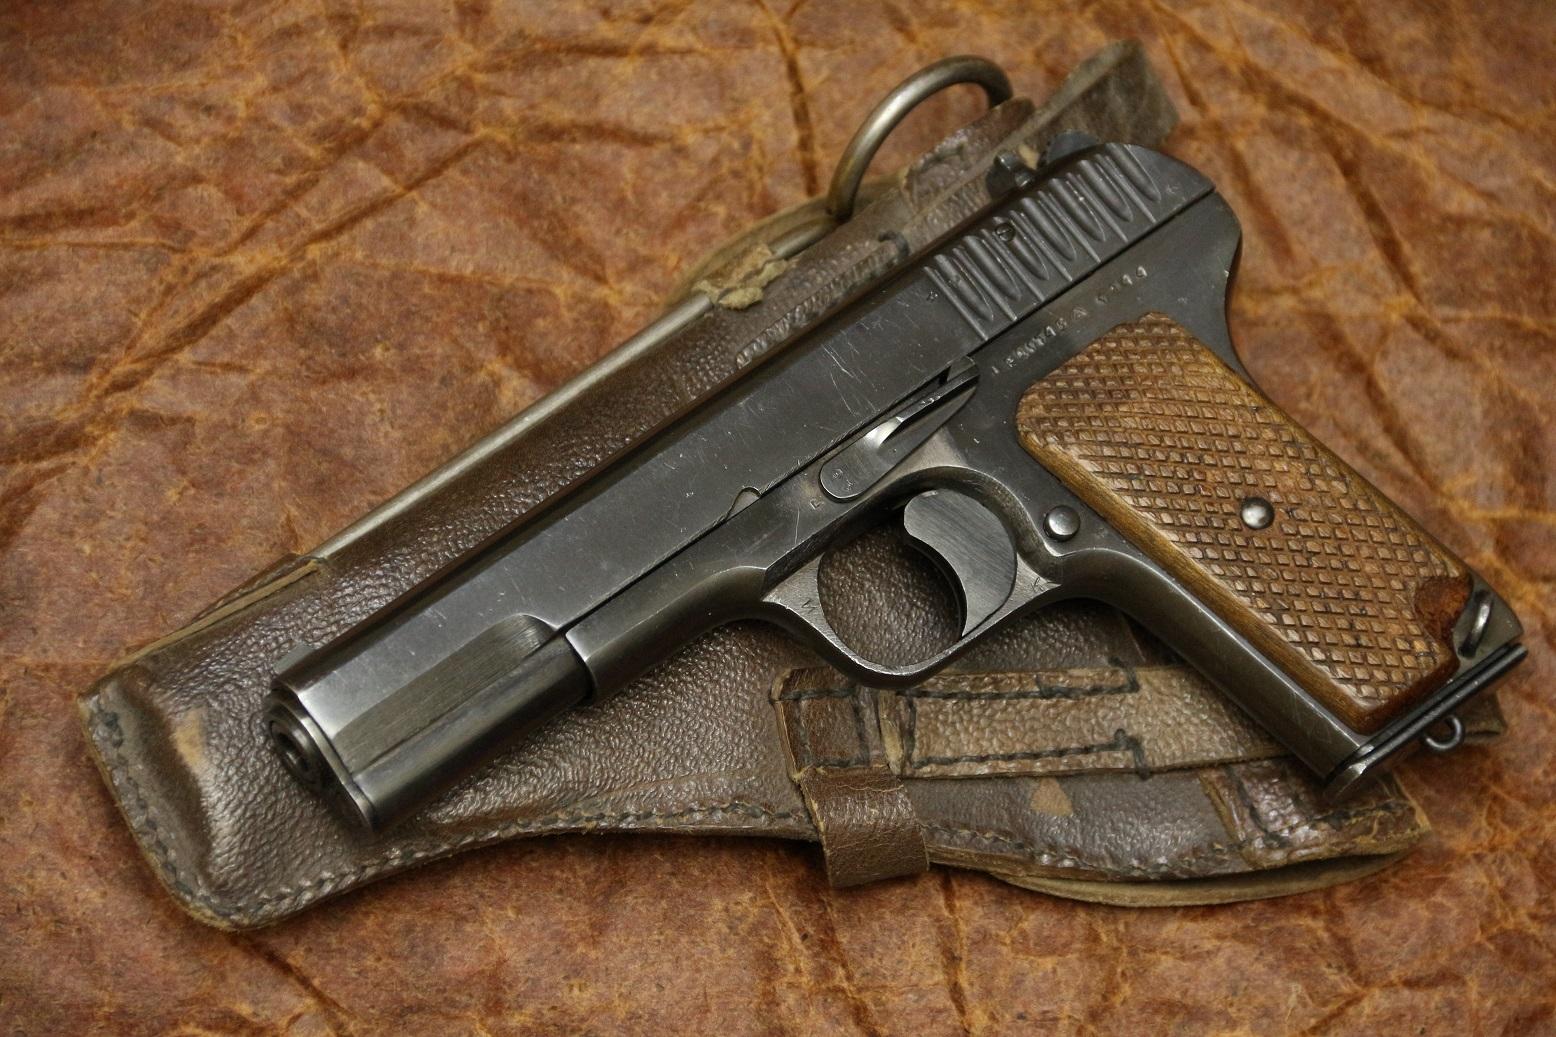 Охолощенный пистолет ТТ-СХ 1944 года, №ЕД1746, комплект